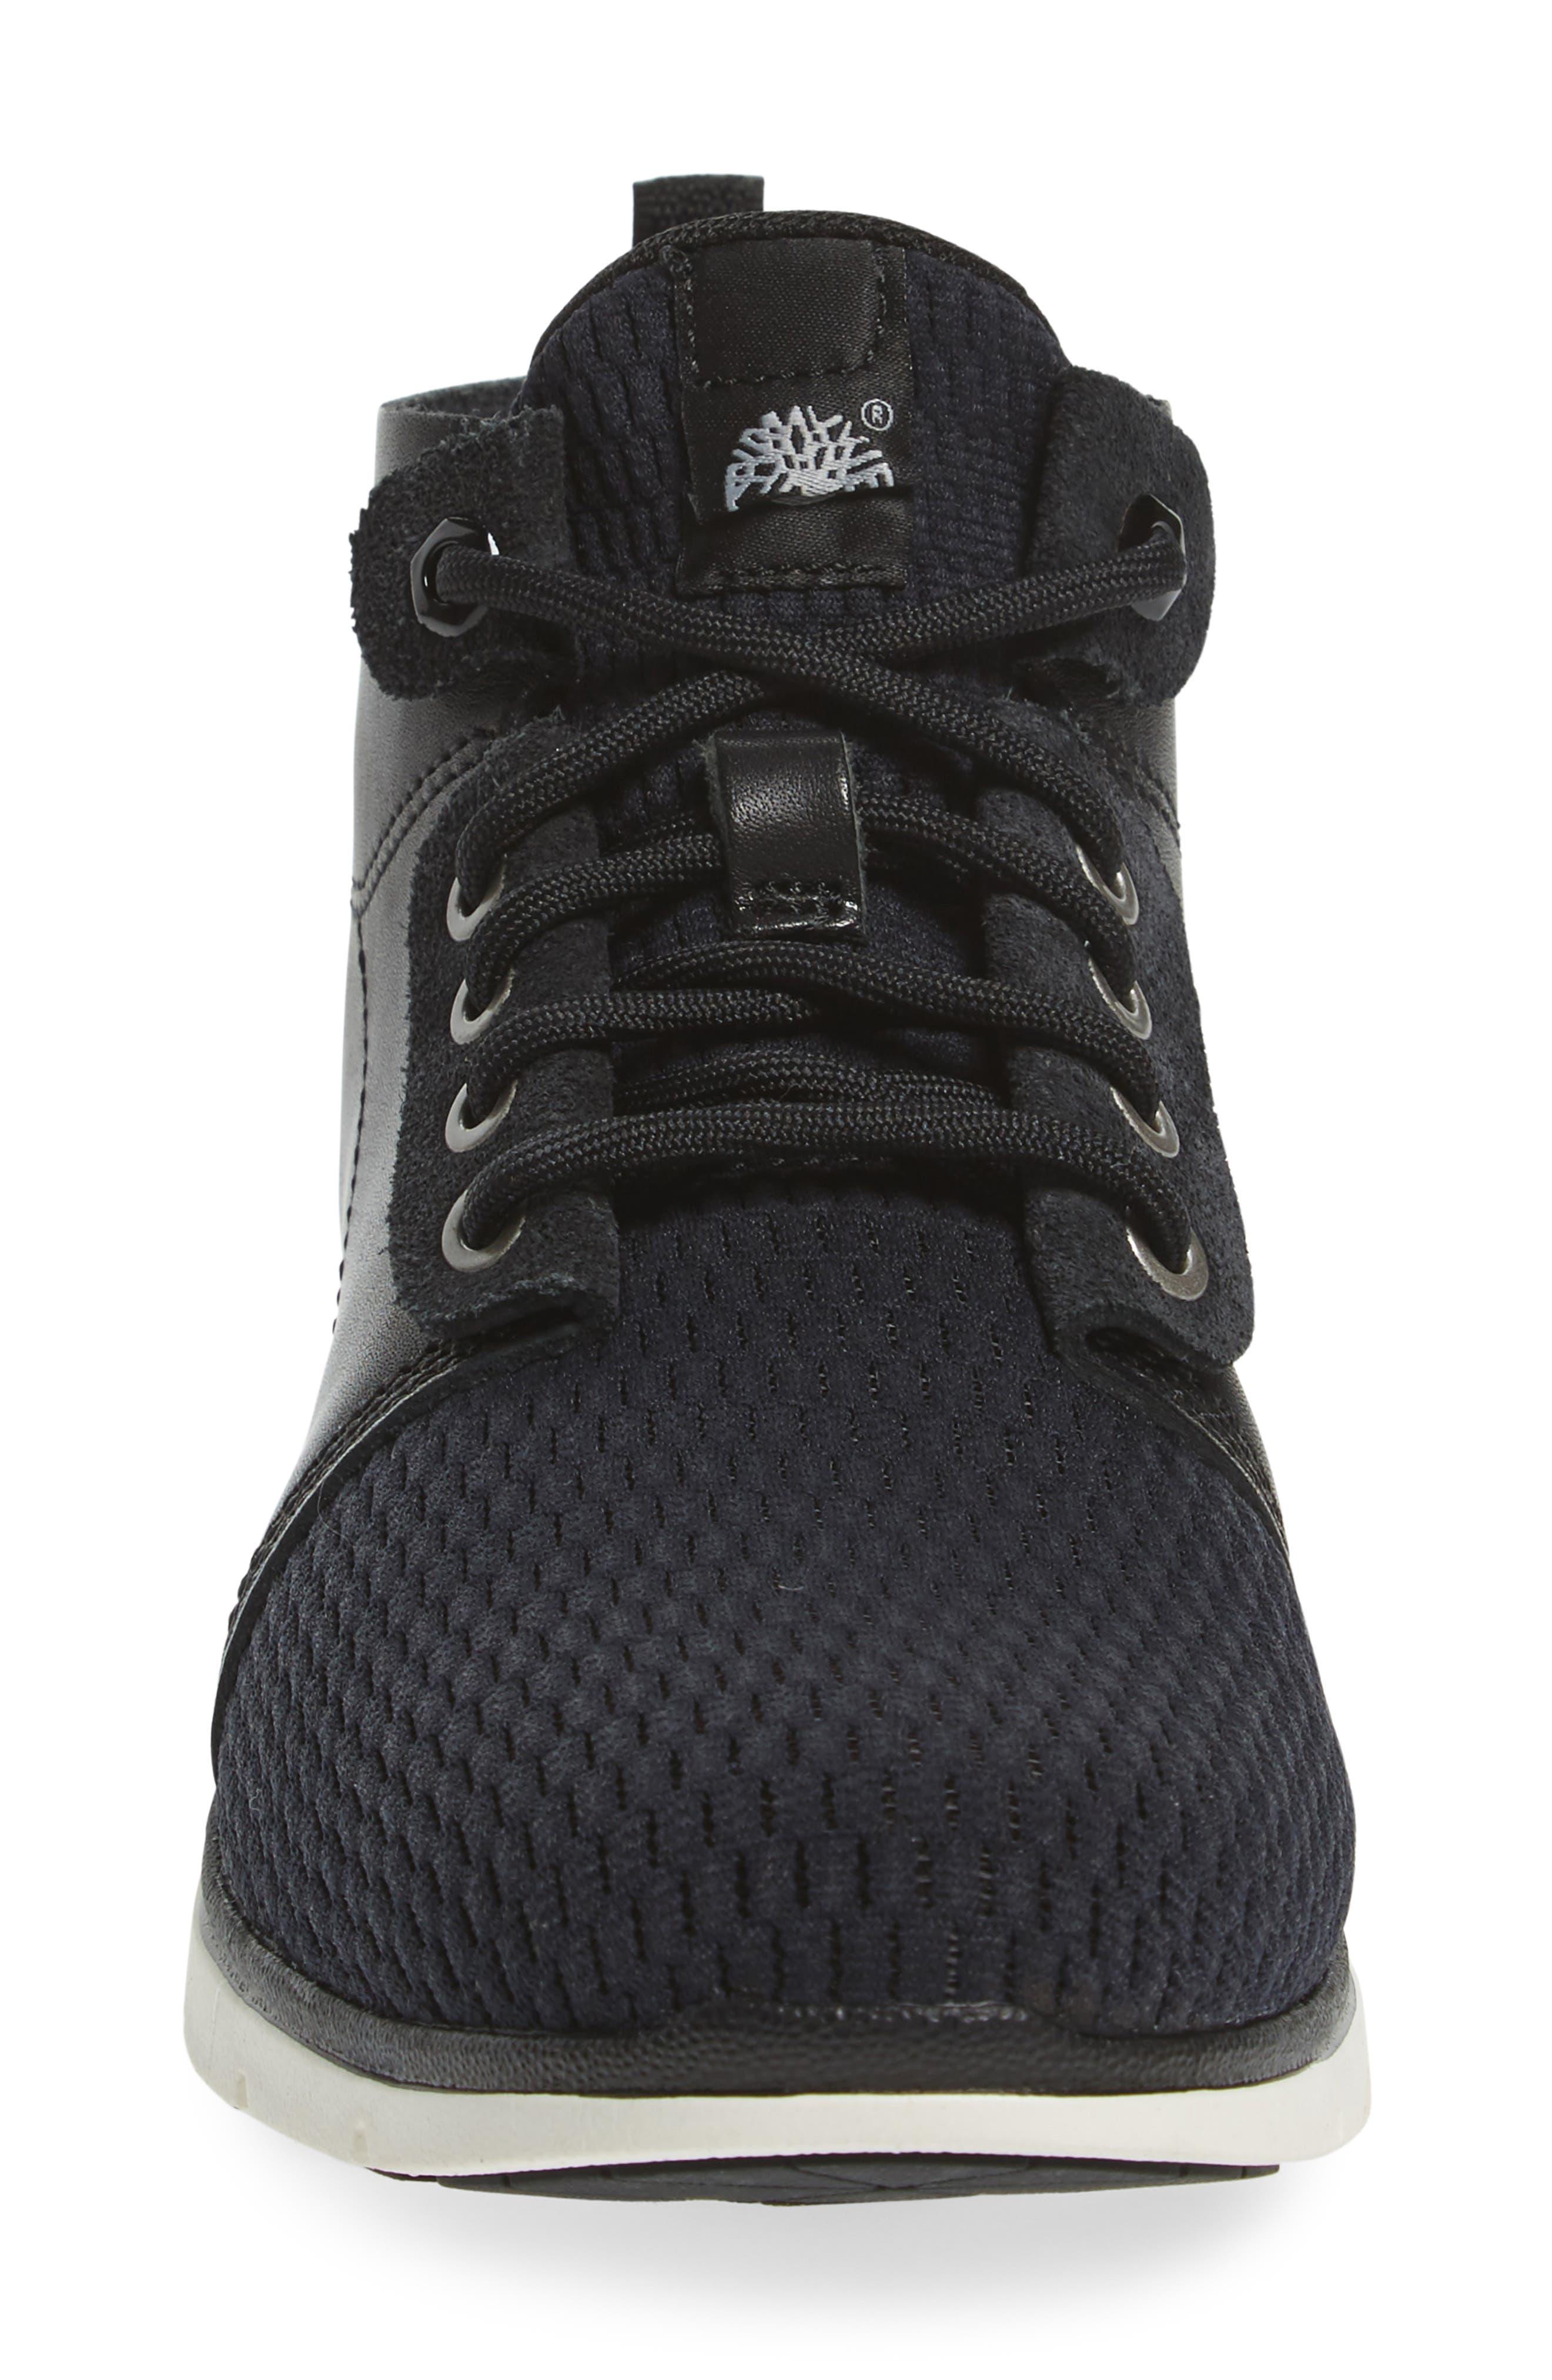 Killington Chukka Sneaker,                             Alternate thumbnail 4, color,                             001